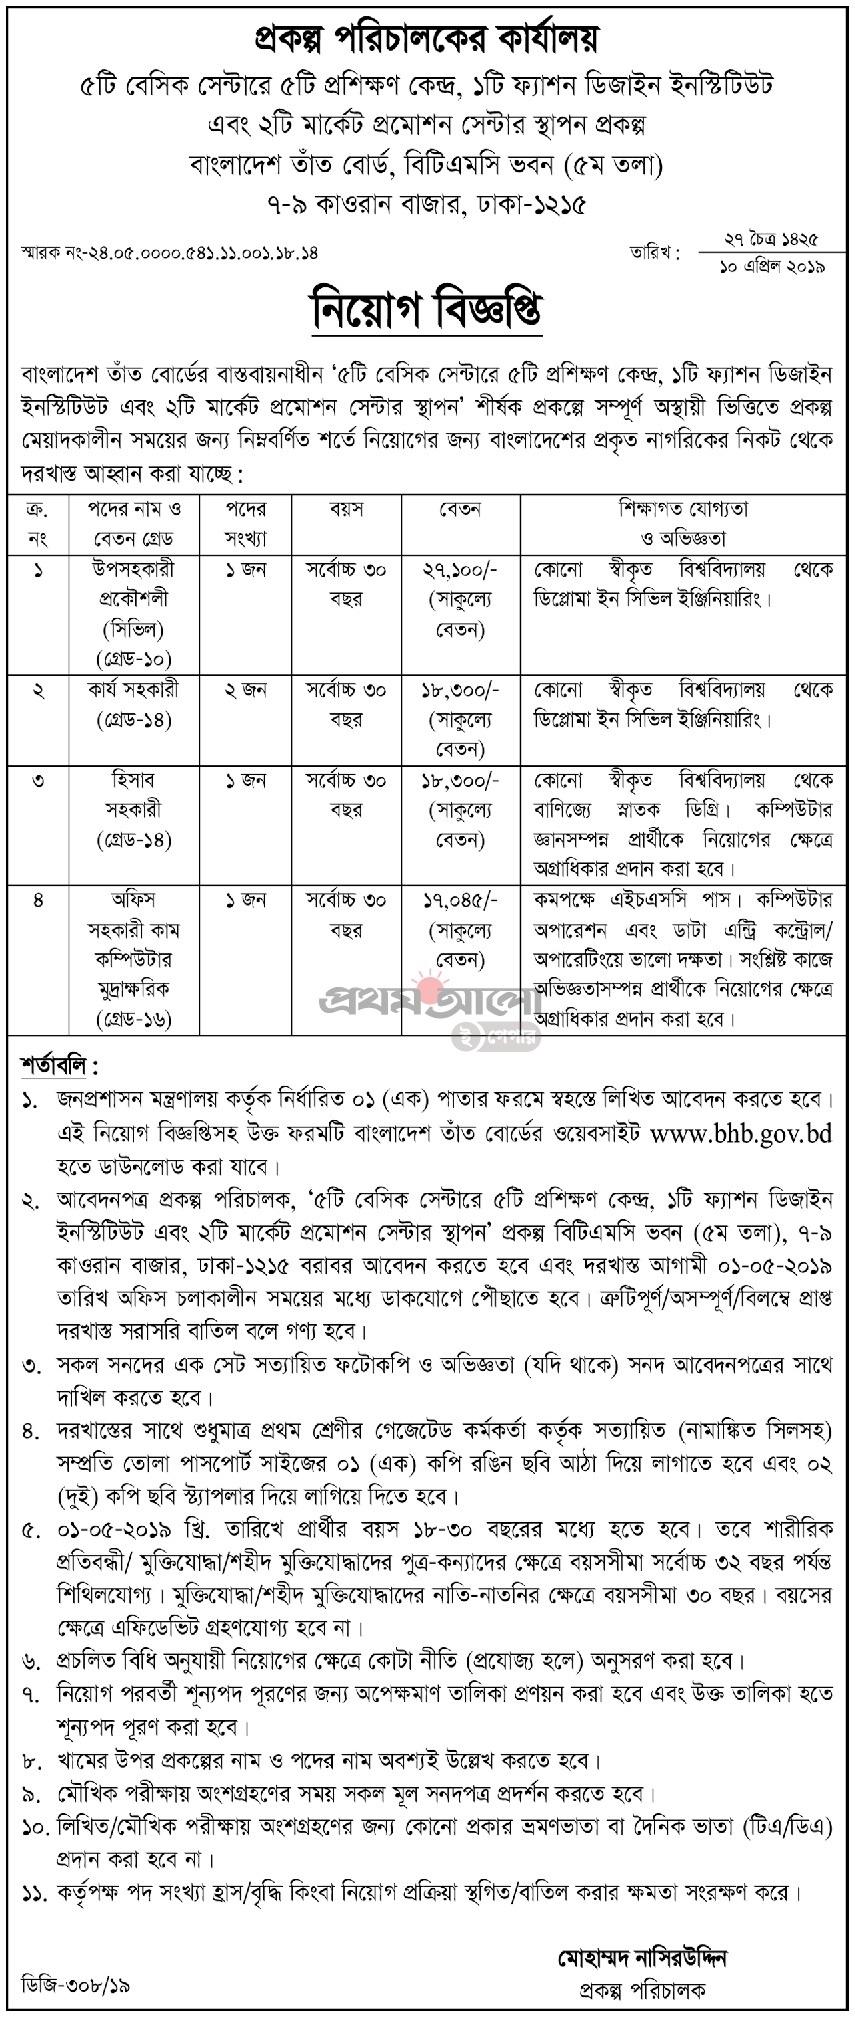 Bangladesh Handloom Board Job Circular 2019